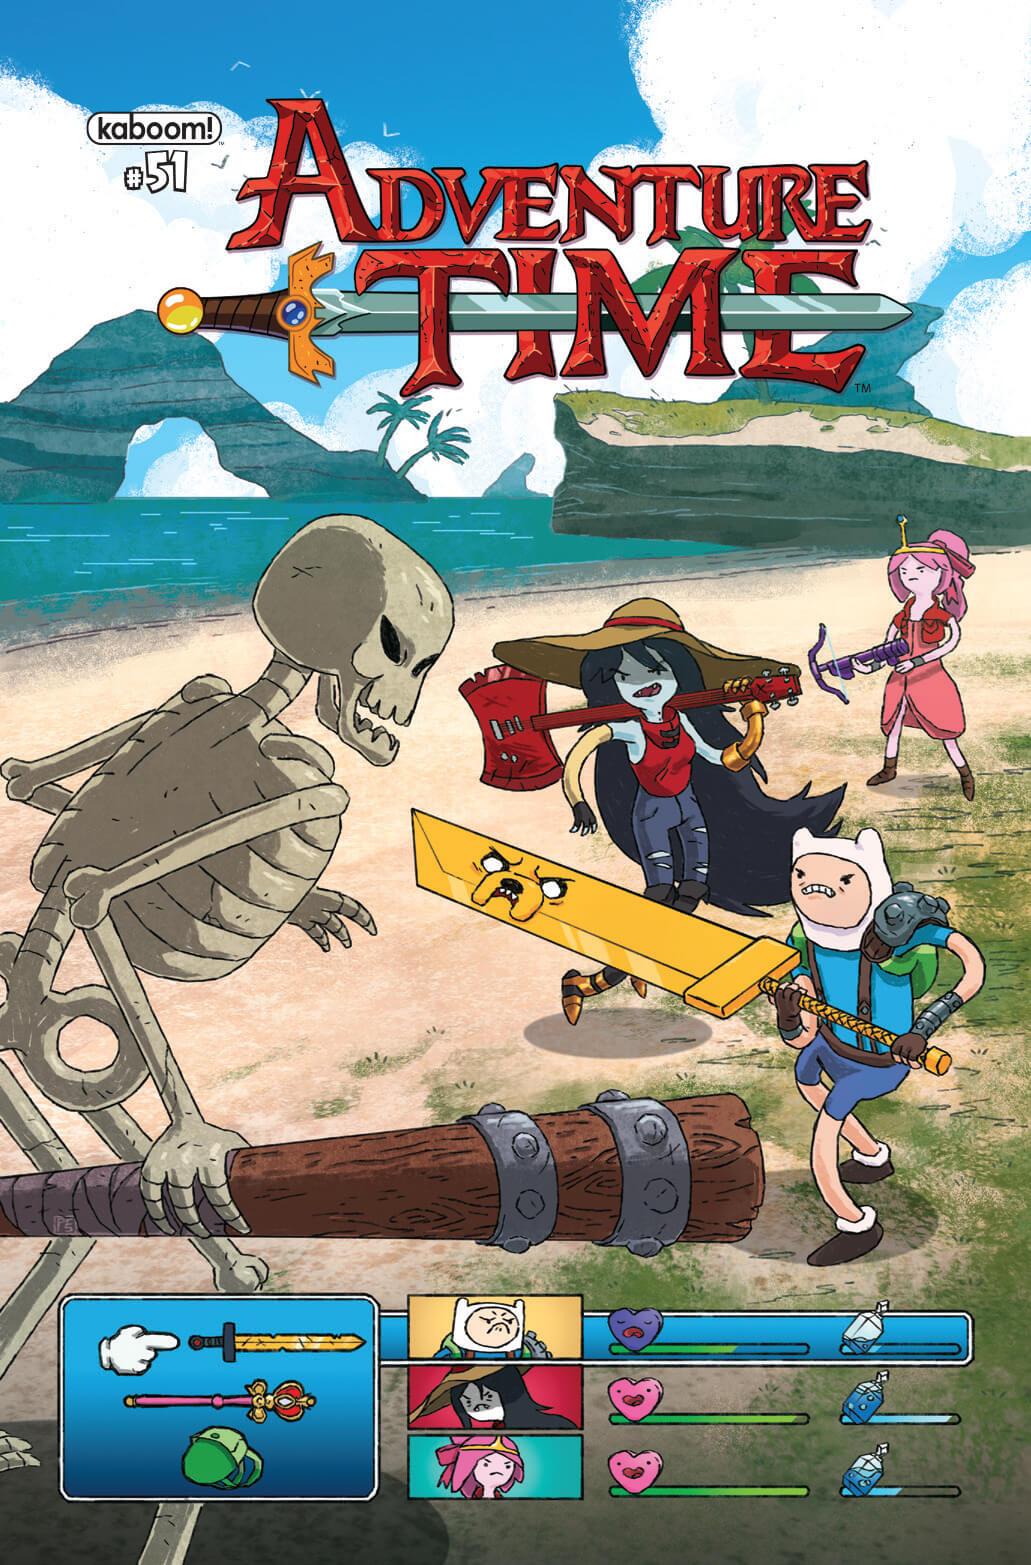 AdventureTime_051_A_Main